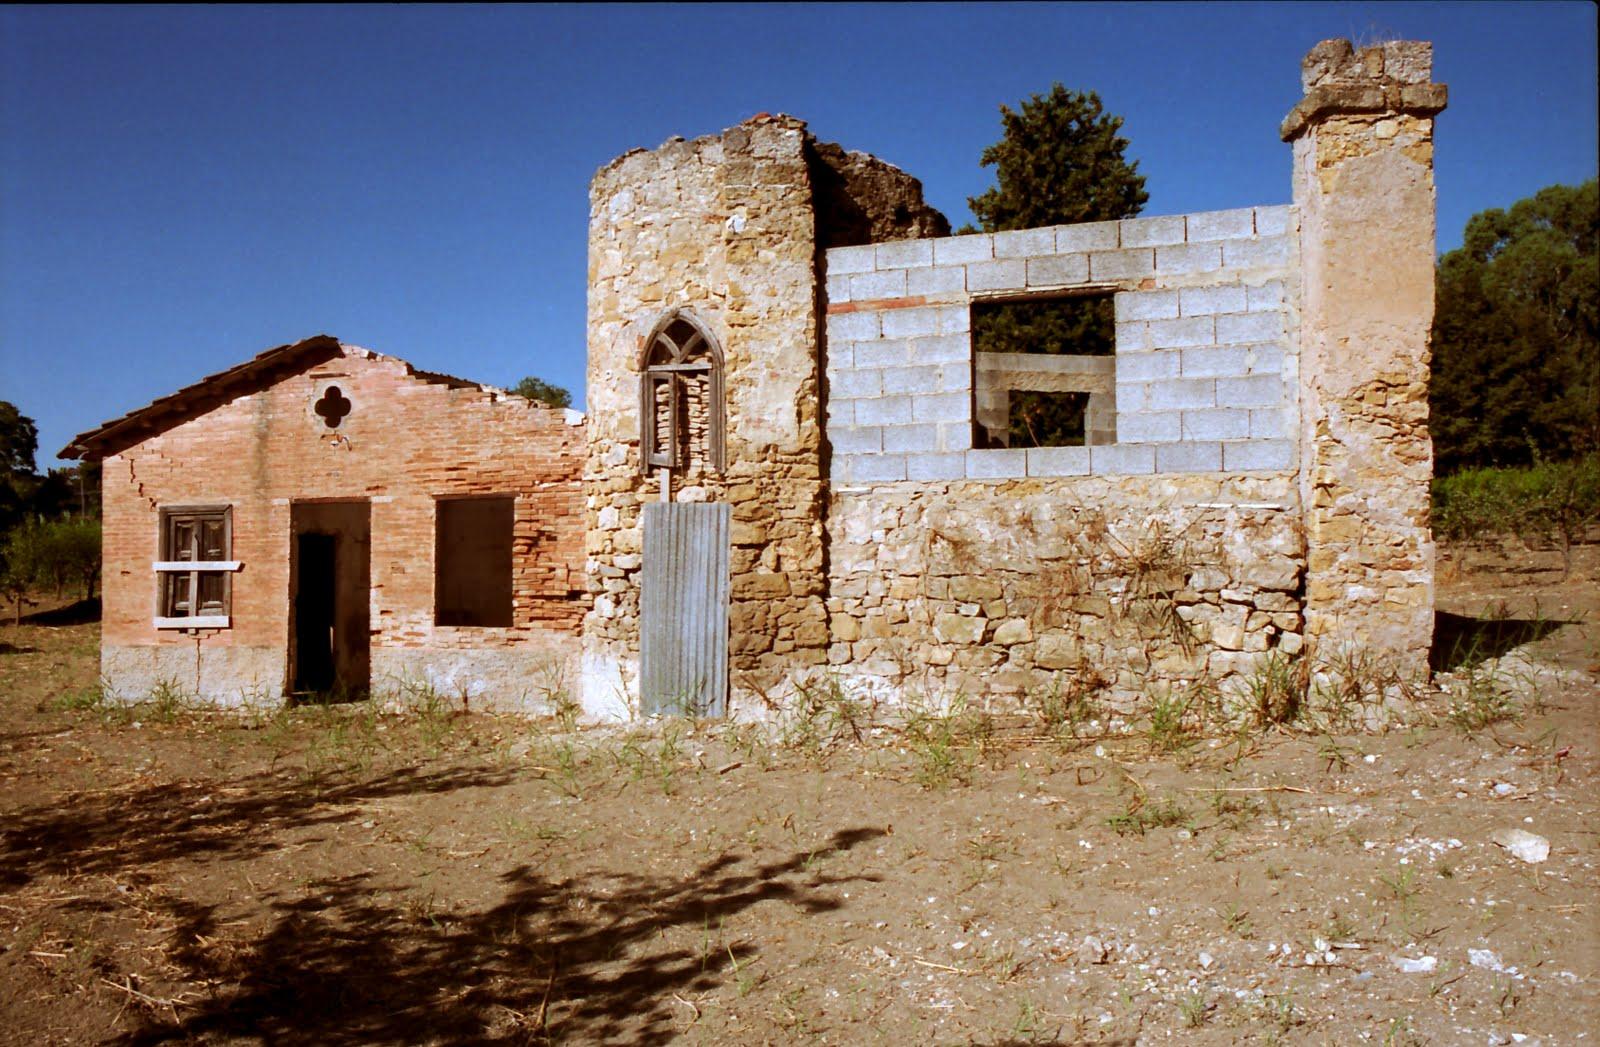 De urbe novembre 2011 - Un antica finestra a tre aperture ...